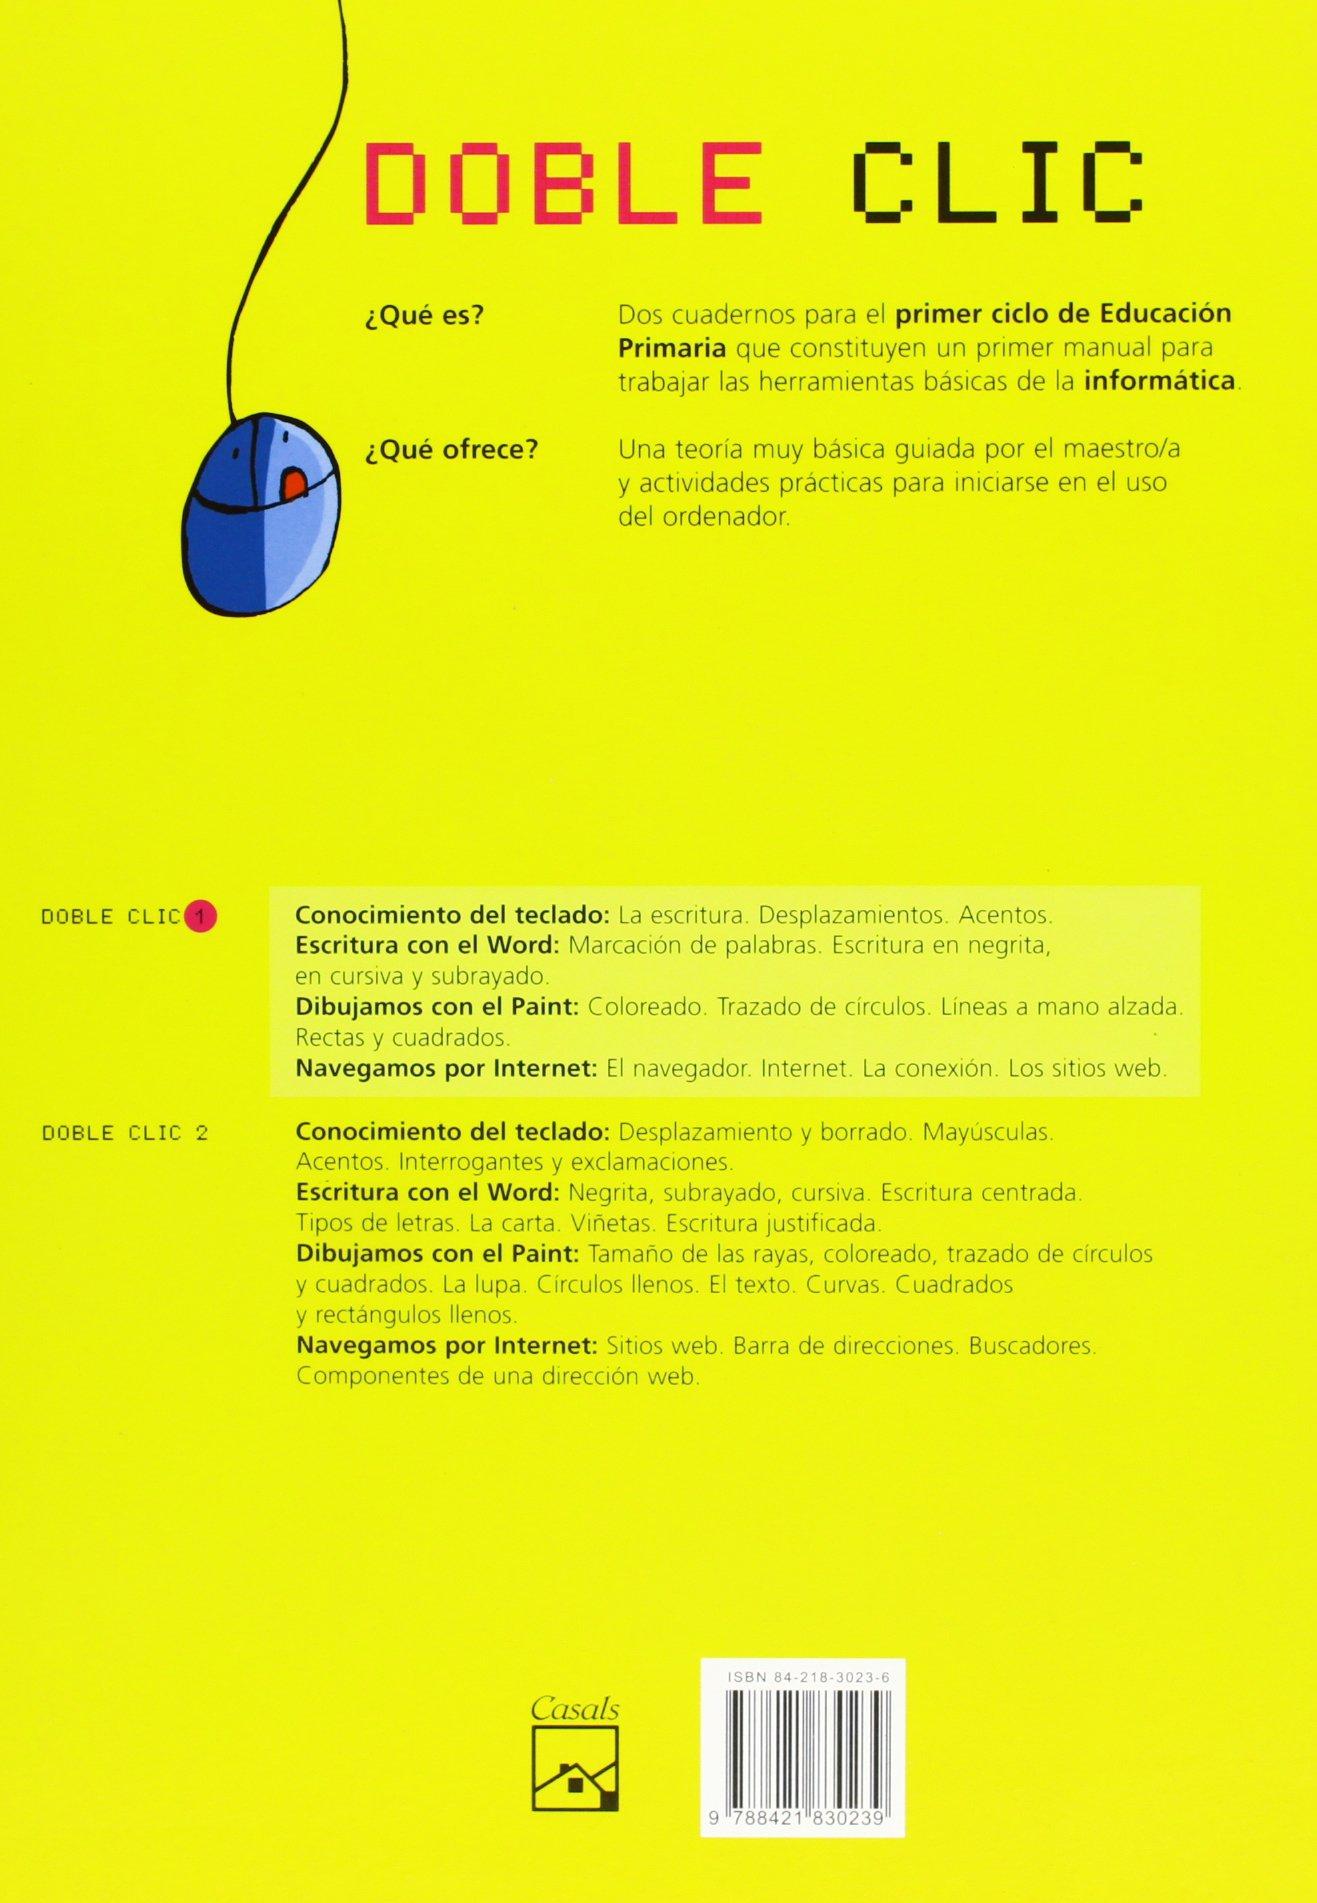 DOBLE CLIC 1 EP 05 ACTIVIDADES INFORMATICA MAGINF21EP: 9788421830239: Amazon.com: Books